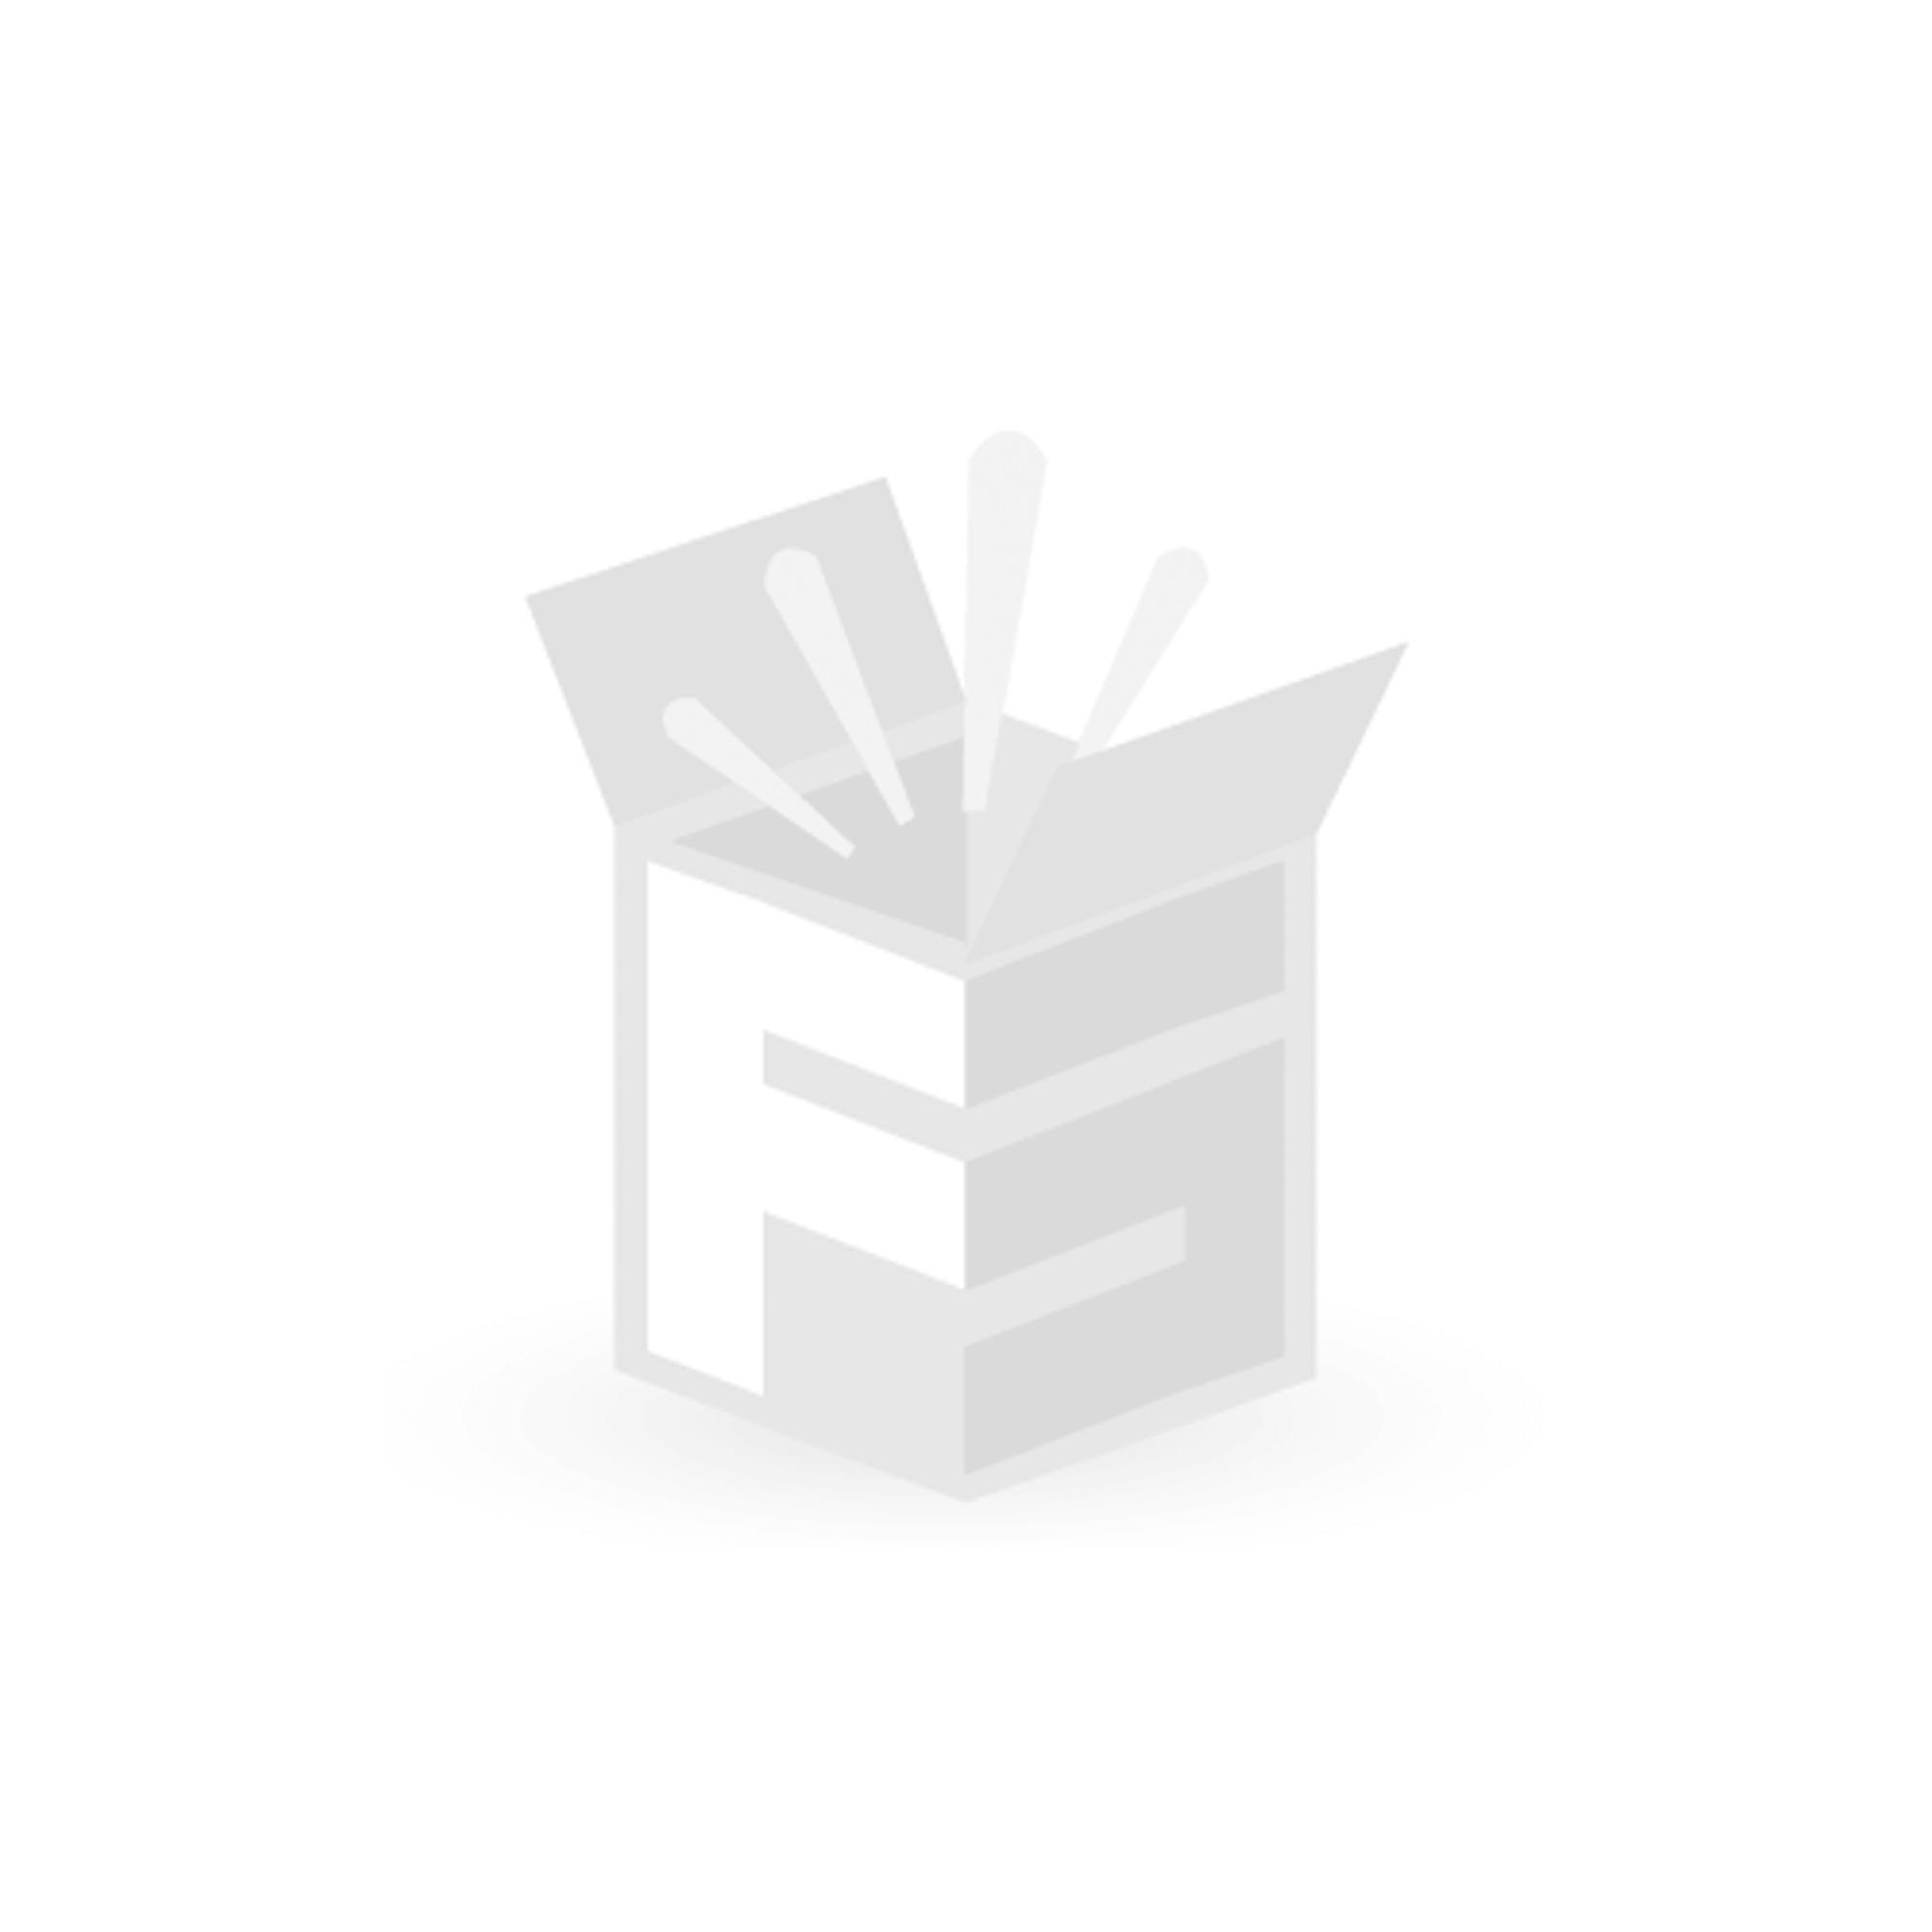 Tefal Schmorpfanne Induktion Jamie Oliver E76333 25 cm, mit Glasdeckel